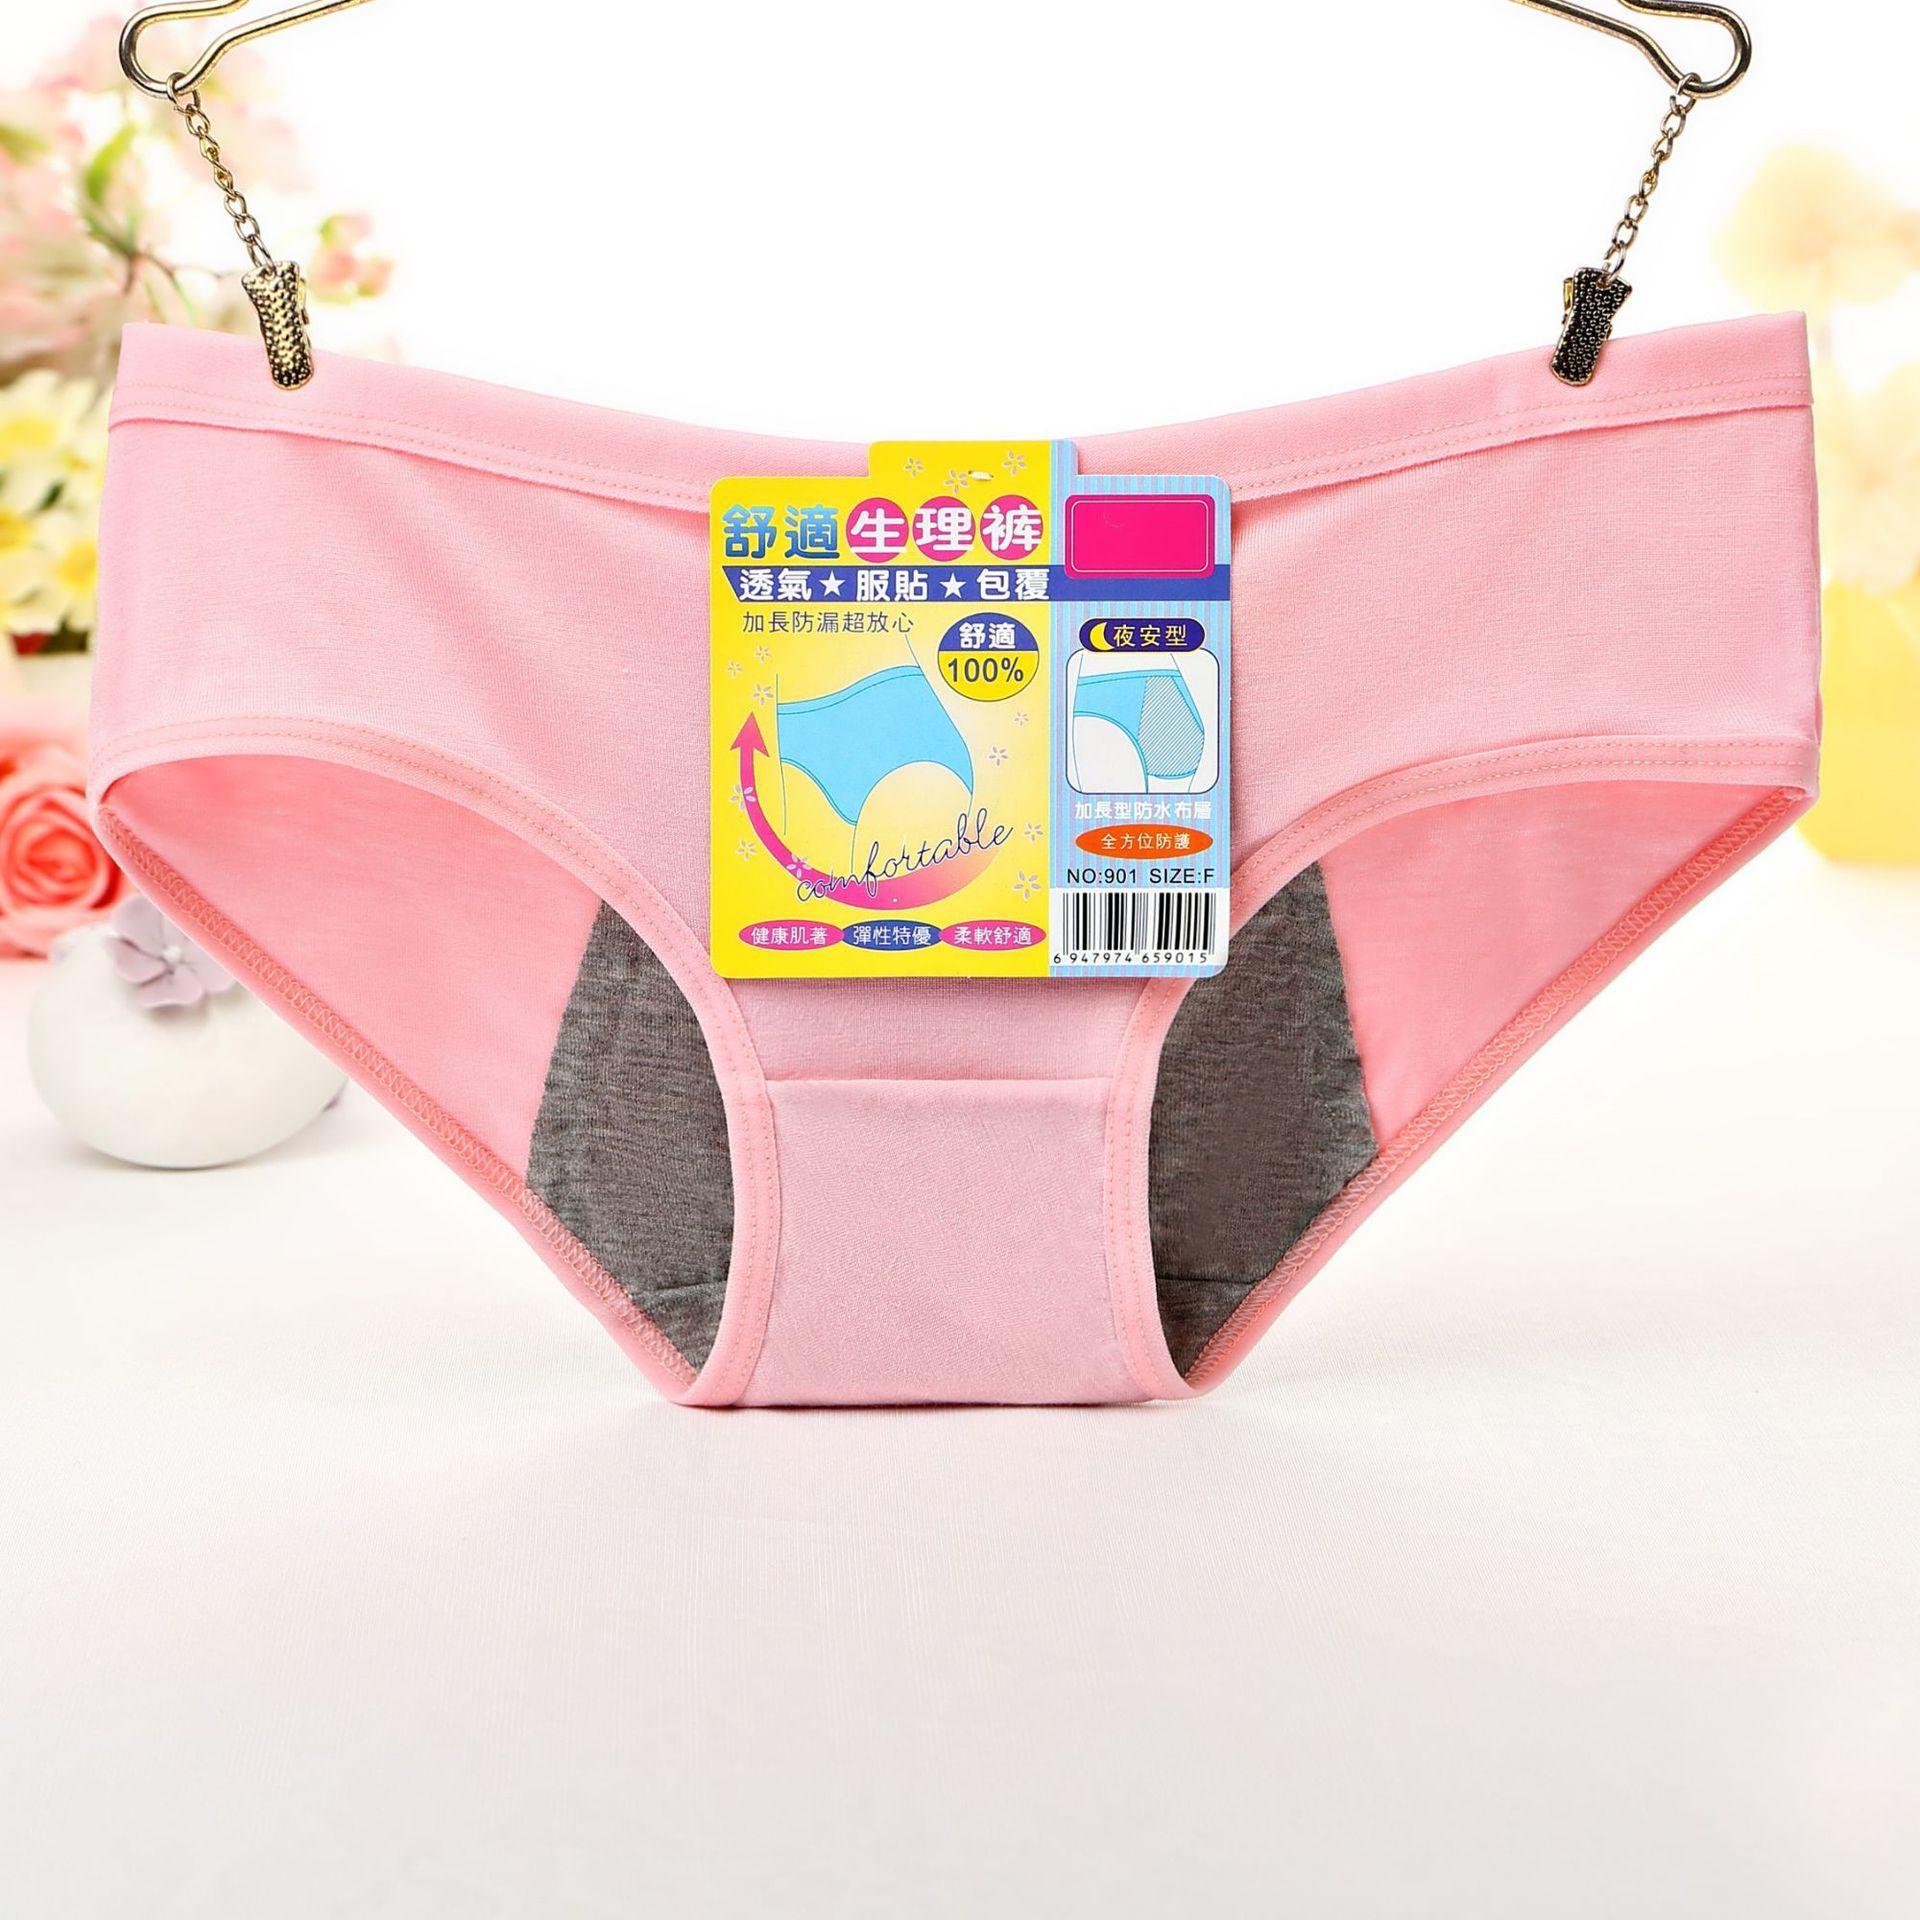 Neue 2018 Dessous billige Unterwäsche Frauen Höschen Mädchen Menstruation Hosen Mitte Taille Komfortable Ropa Innen Femenina Vestidos K006